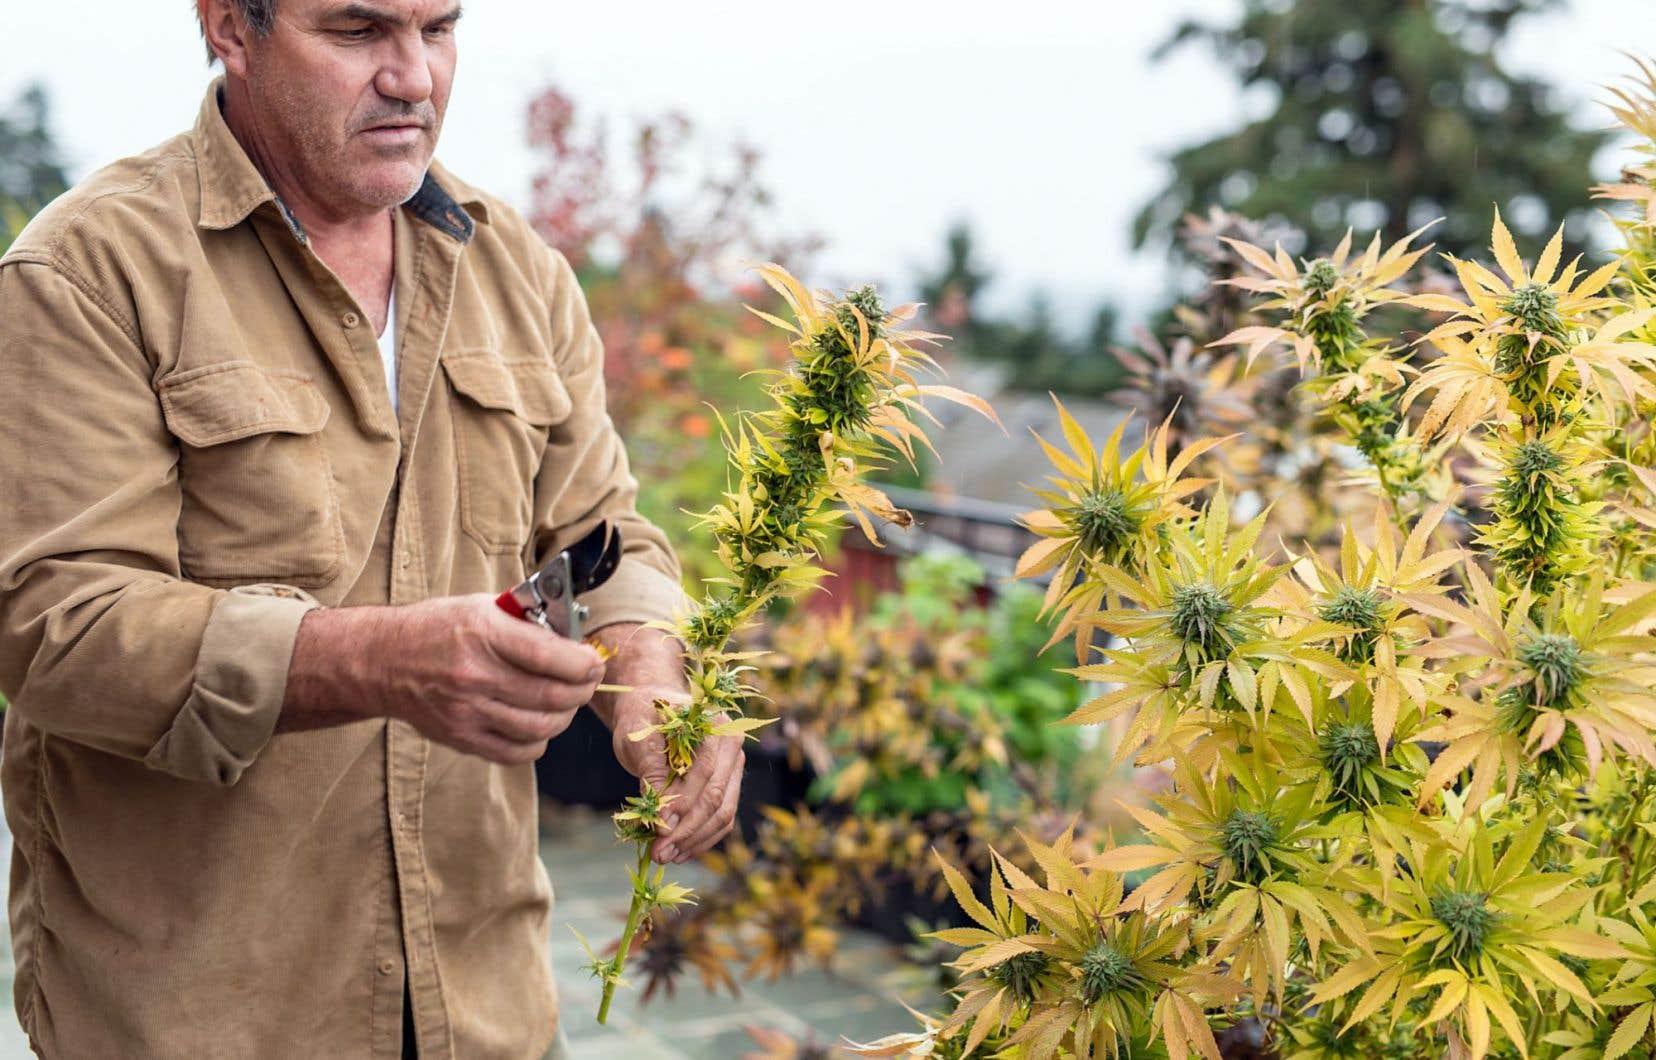 L'Institut de recherche et d'informations socio-économiques (IRIS) évaluait, en décembre, le marché québécois du cannabis récréatif à 1,3milliard de dollars.